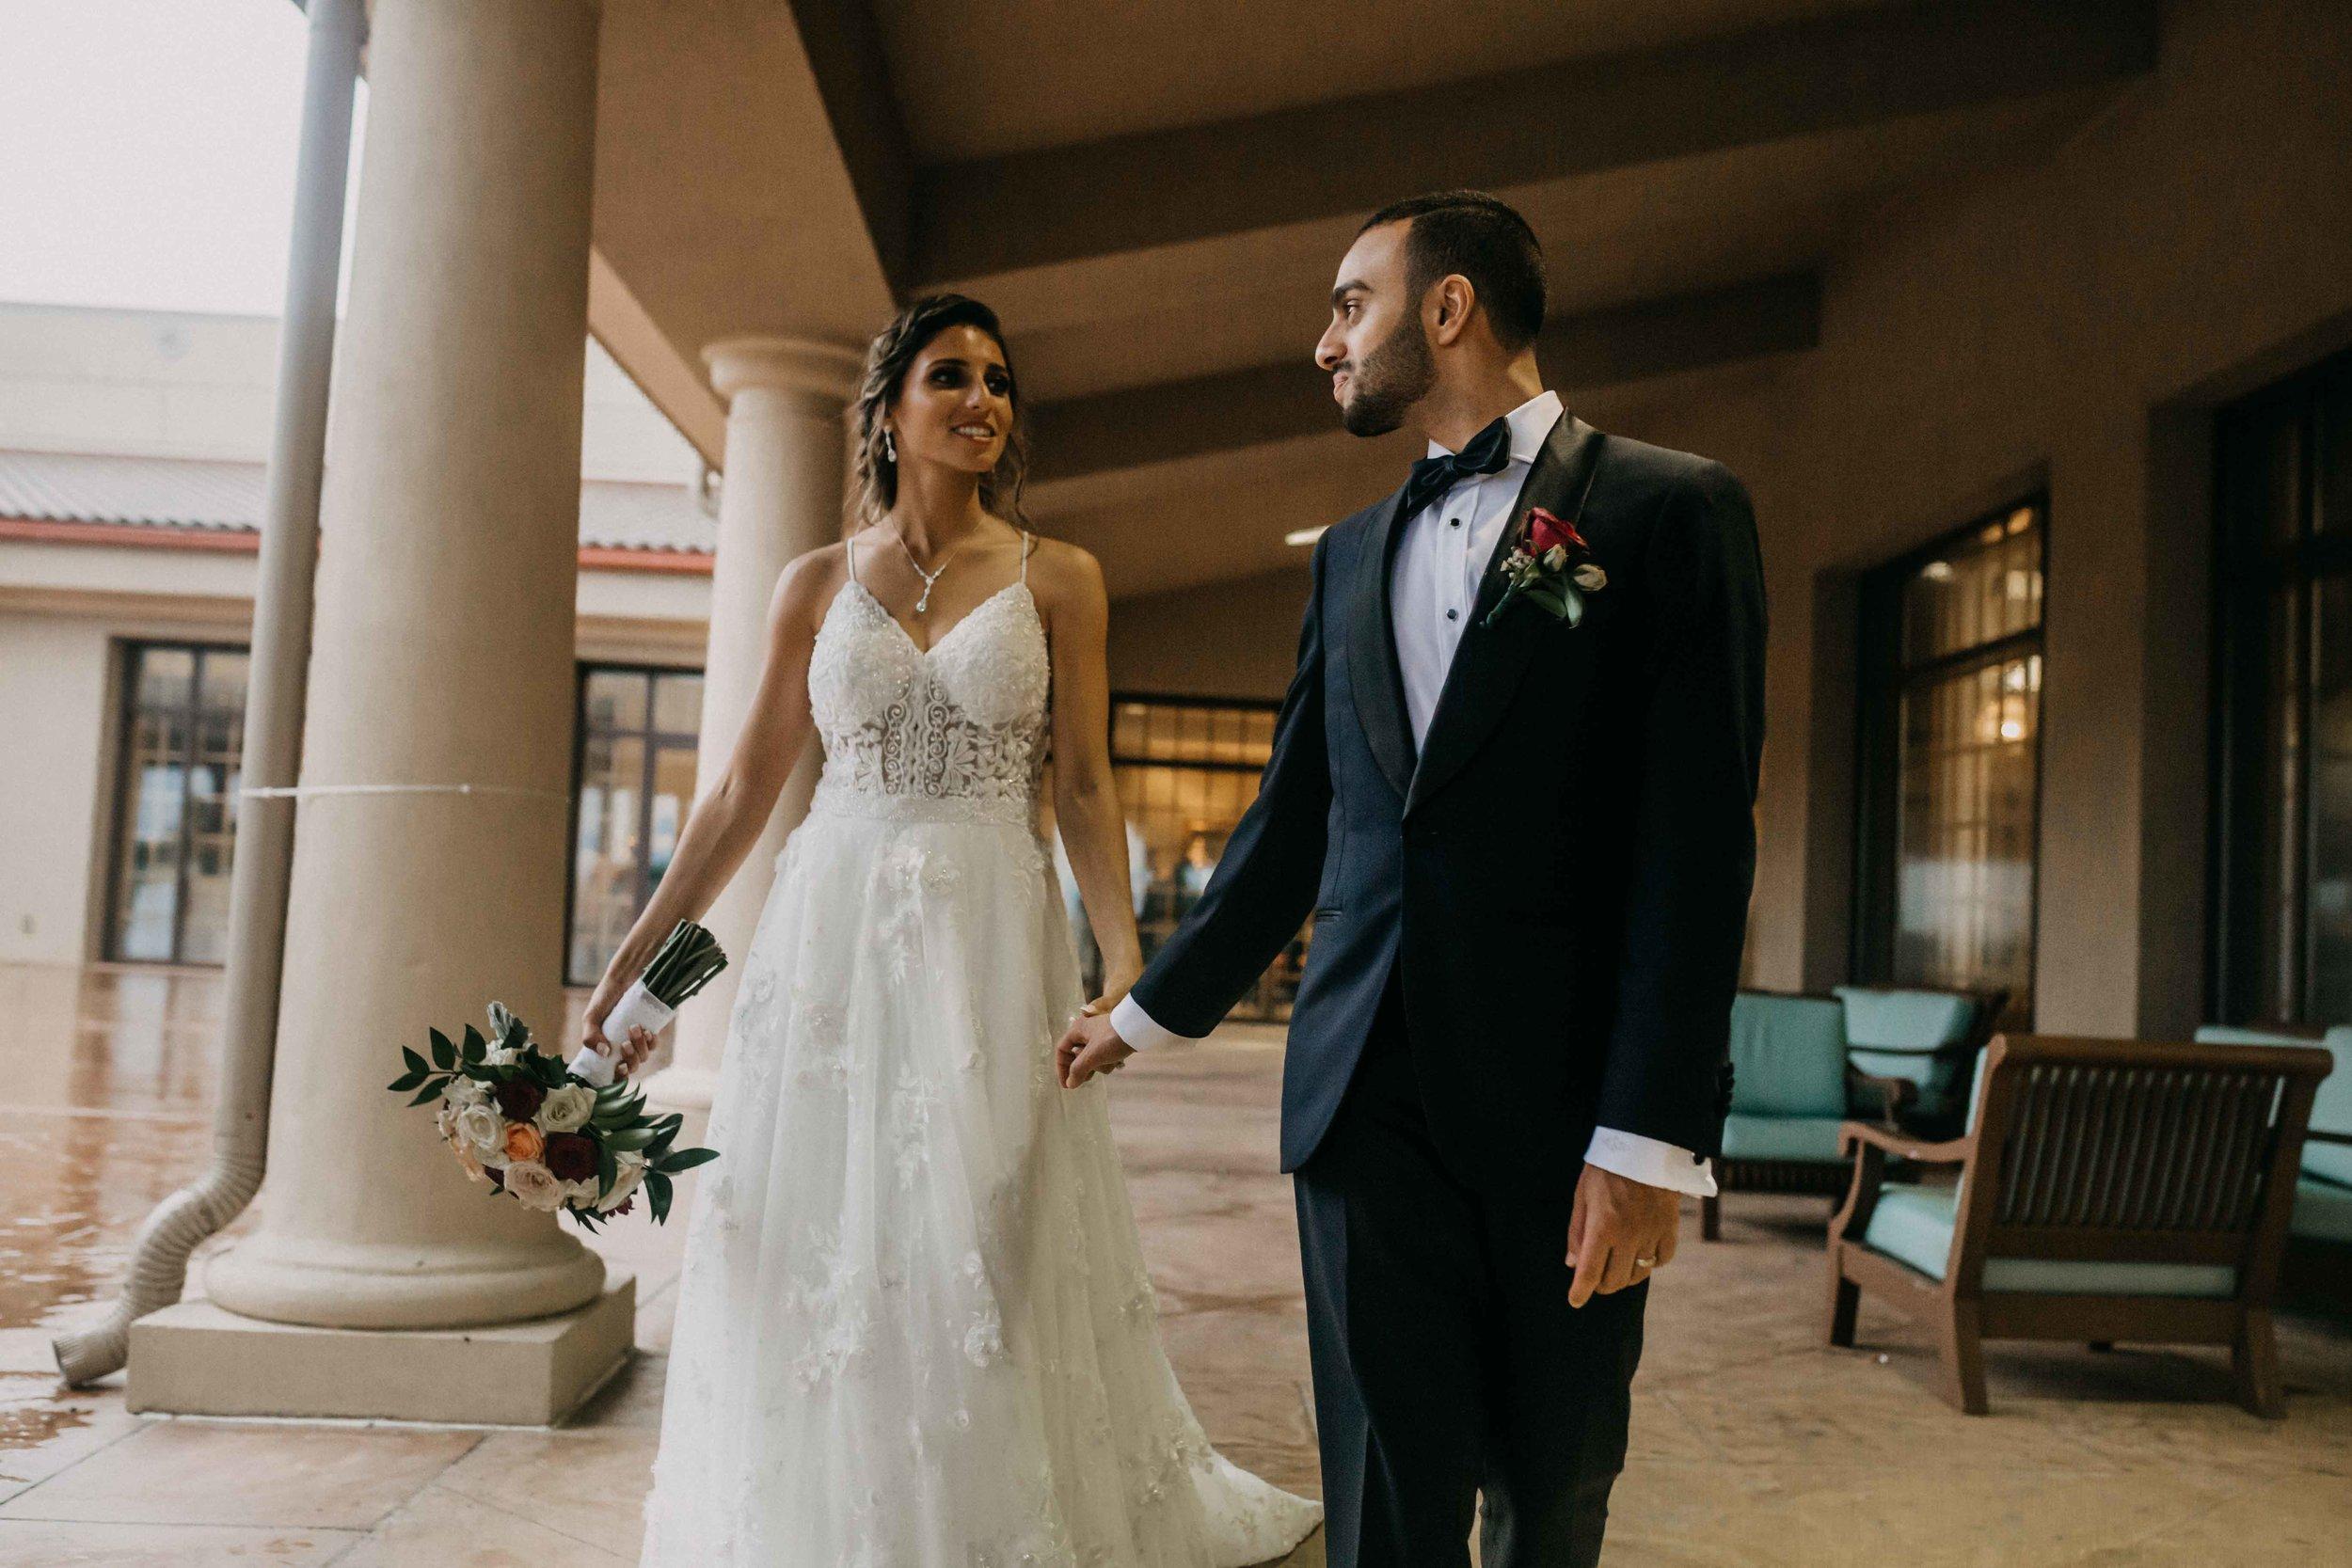 myrtle_beach_south_carolina_wedding_greek_orthodox089.jpg